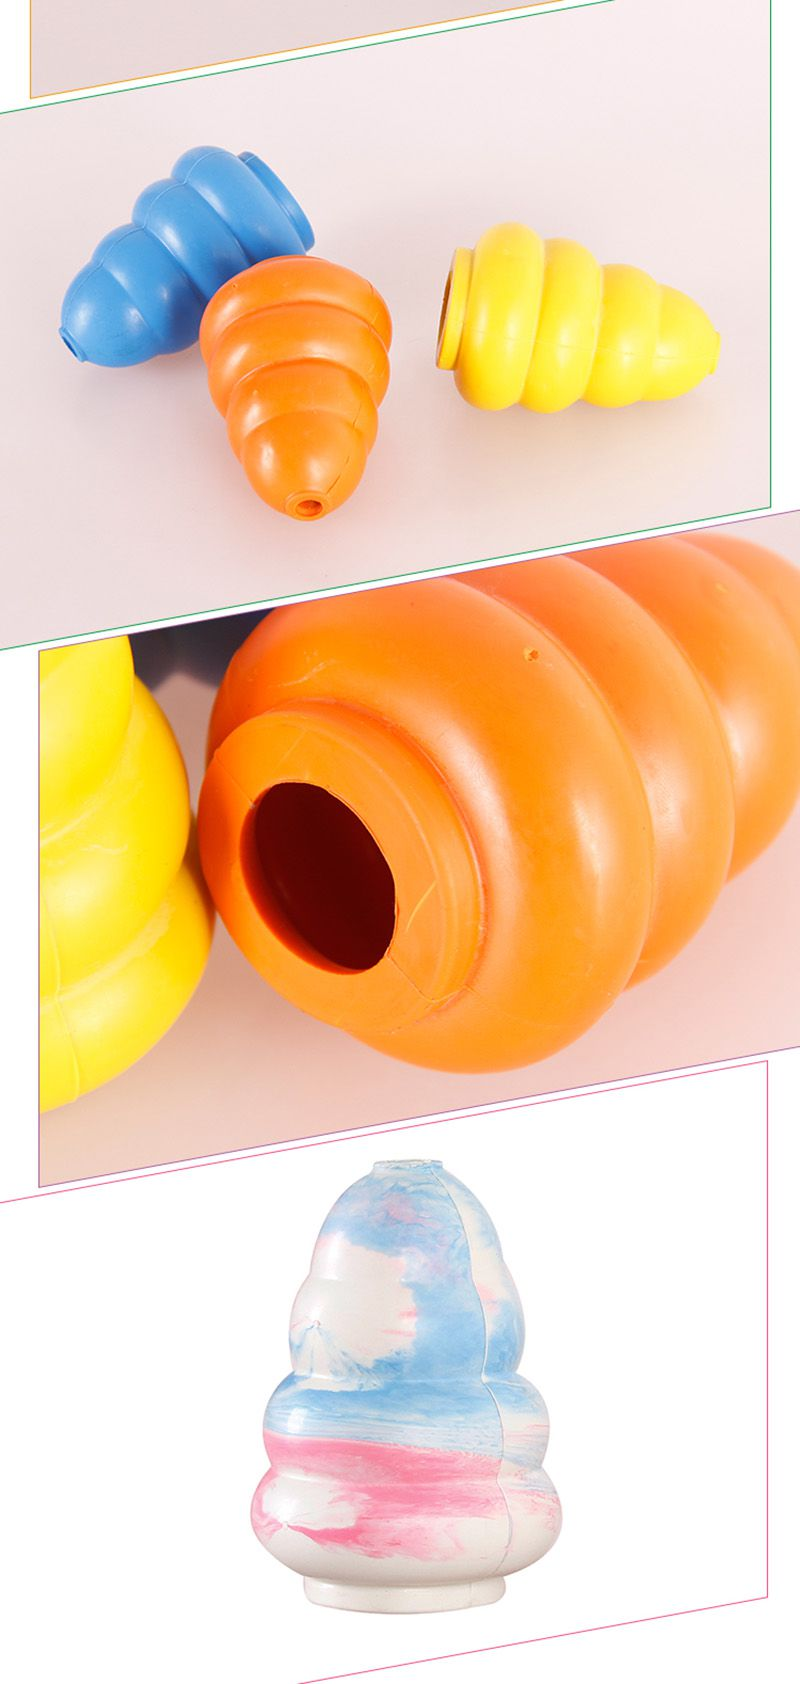 Cone Interativo. Coloque petiscos dentro dele - Auxilia na limpeza dos Dentes